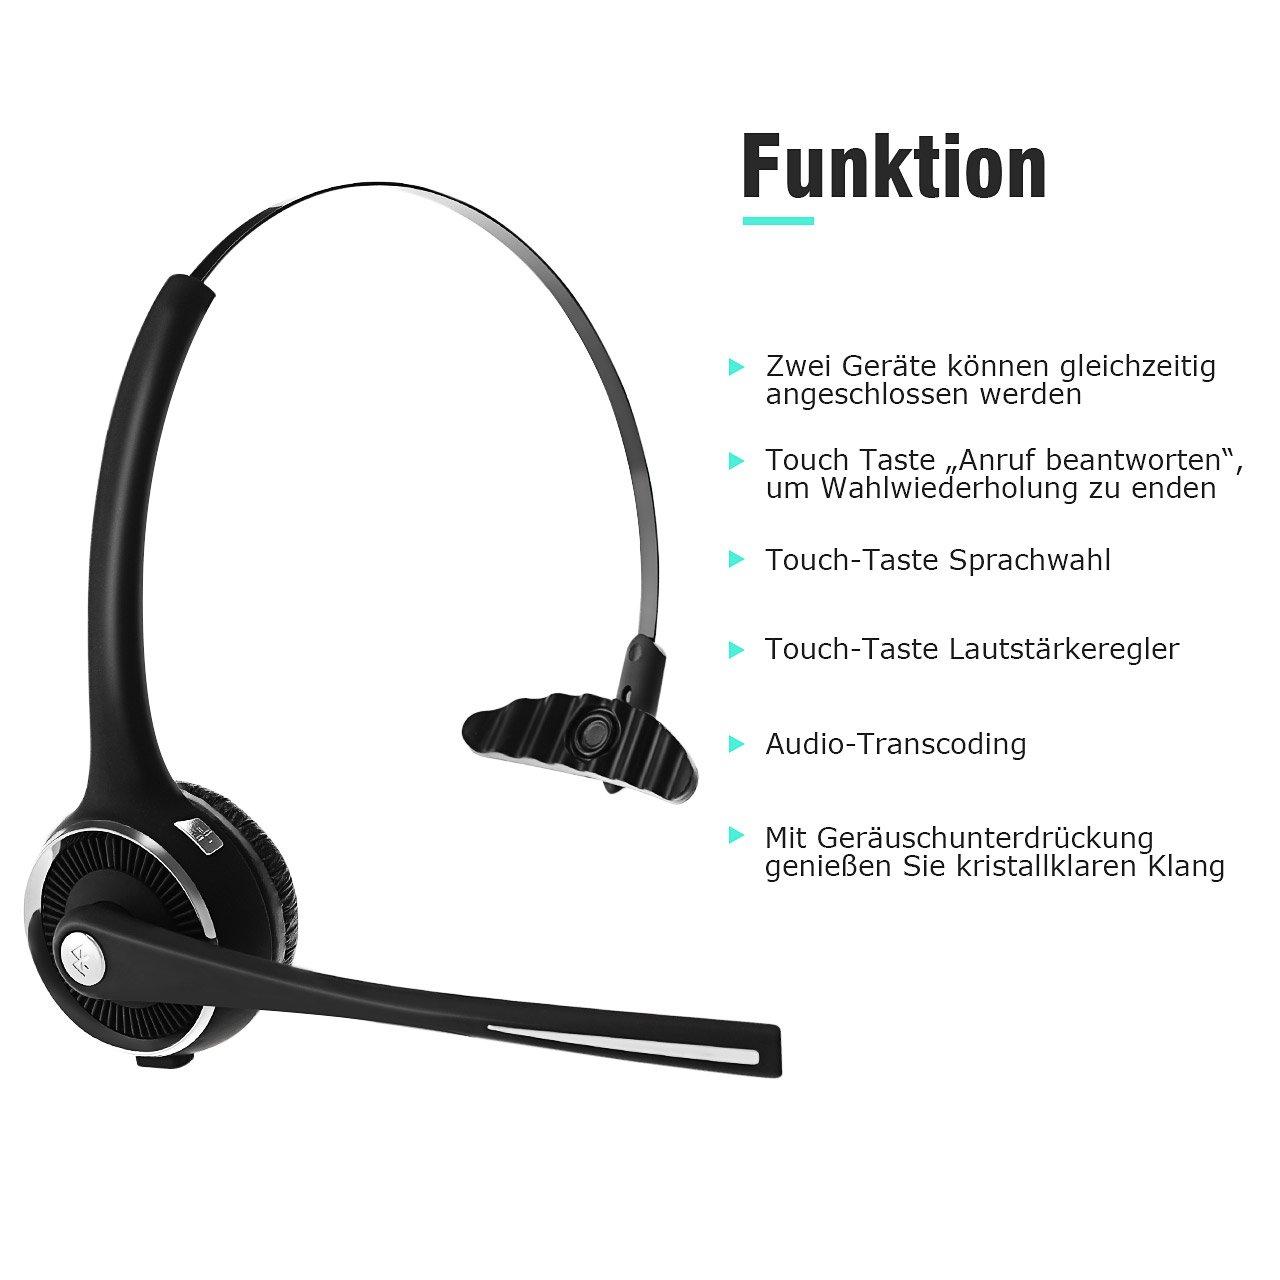 Mpow Bluetooth Headset 13 Stunden Leicht Headset mit Ladestation Freisprechen Headset Auto,Wireless PC Headset mit Mikrofon f/ür Computer,Skype,VoIP,Call Center,Smartphone